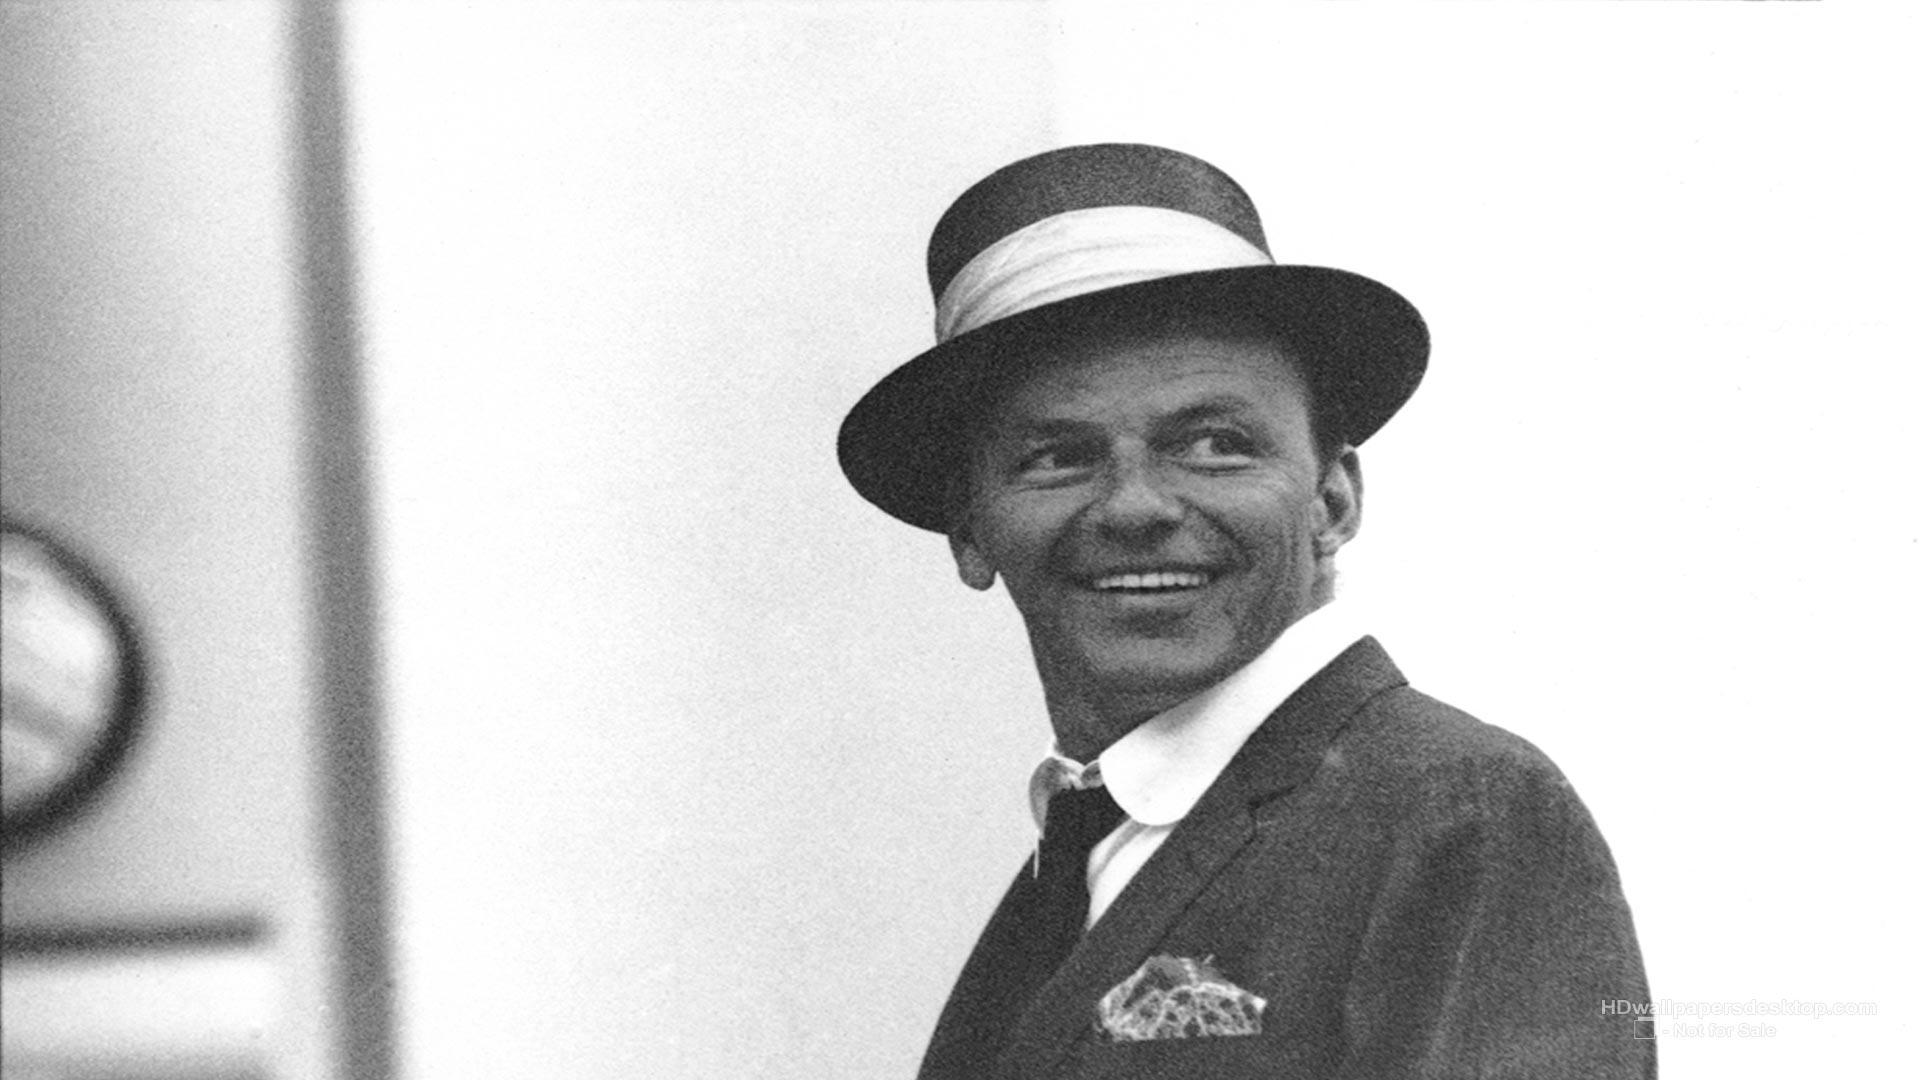 Frank-Sinatra-Wallpaper-19201080